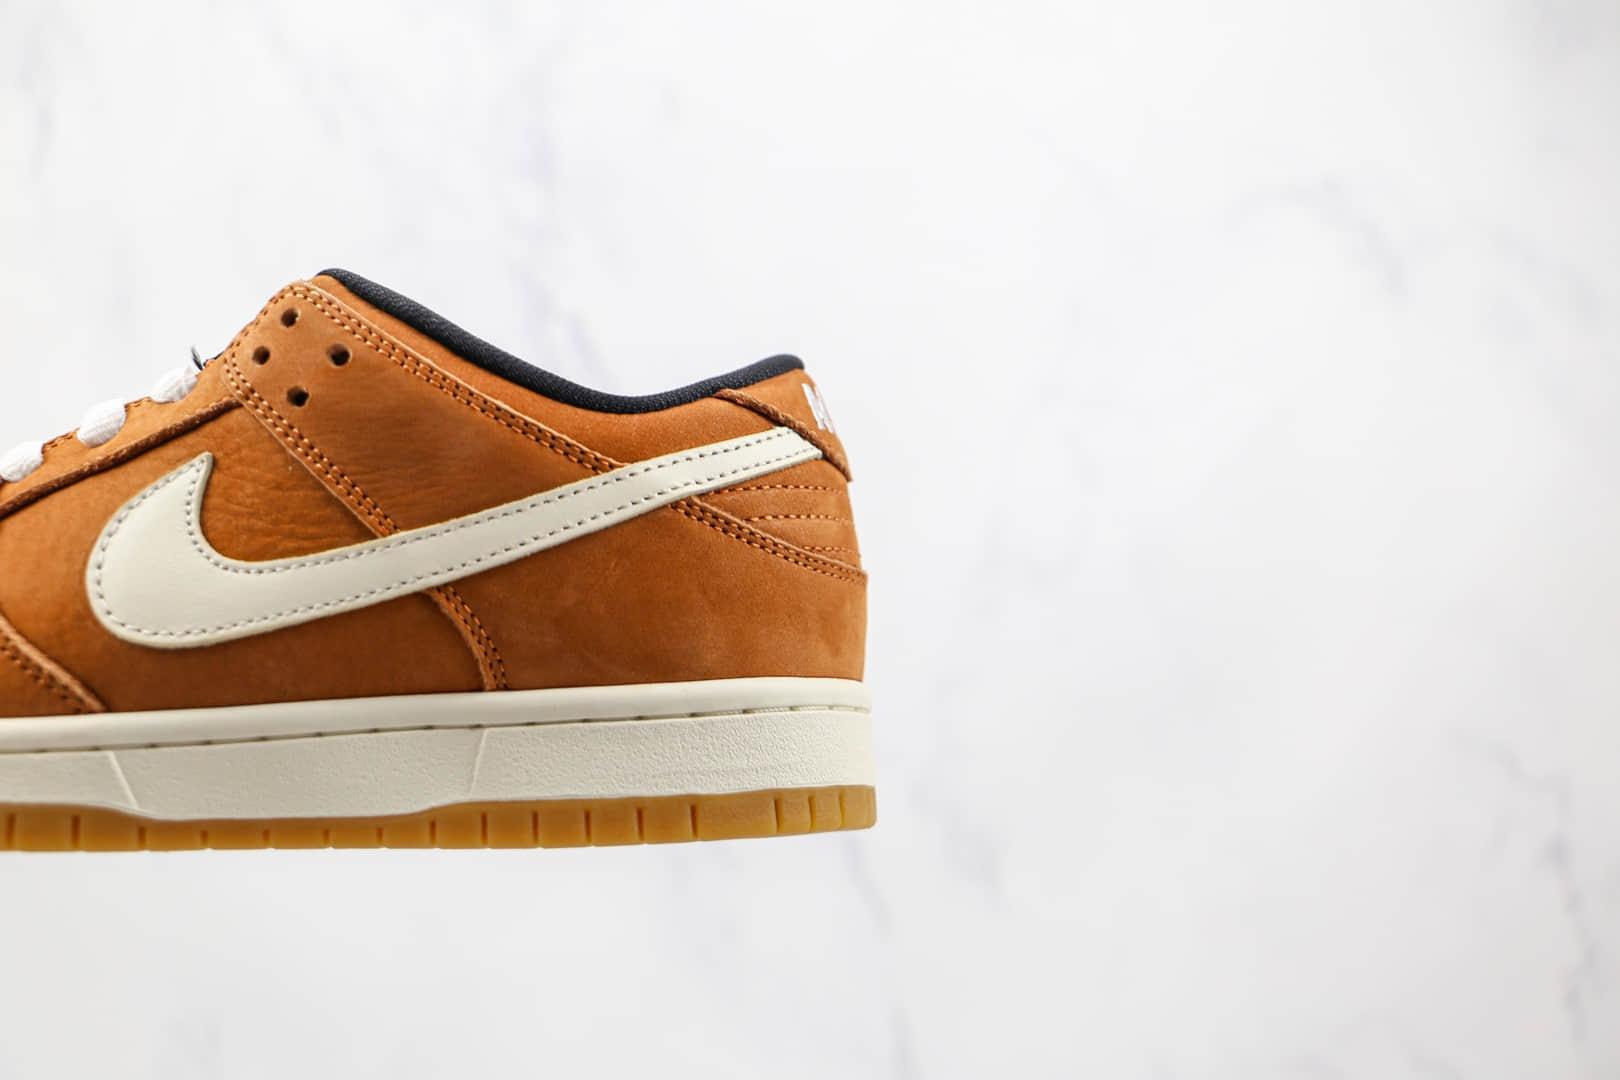 耐克Nike SB Dunk Low纯原版本低帮SB DUNK褐色白钩板鞋内置气垫原盒原标 货号:DH1319-200